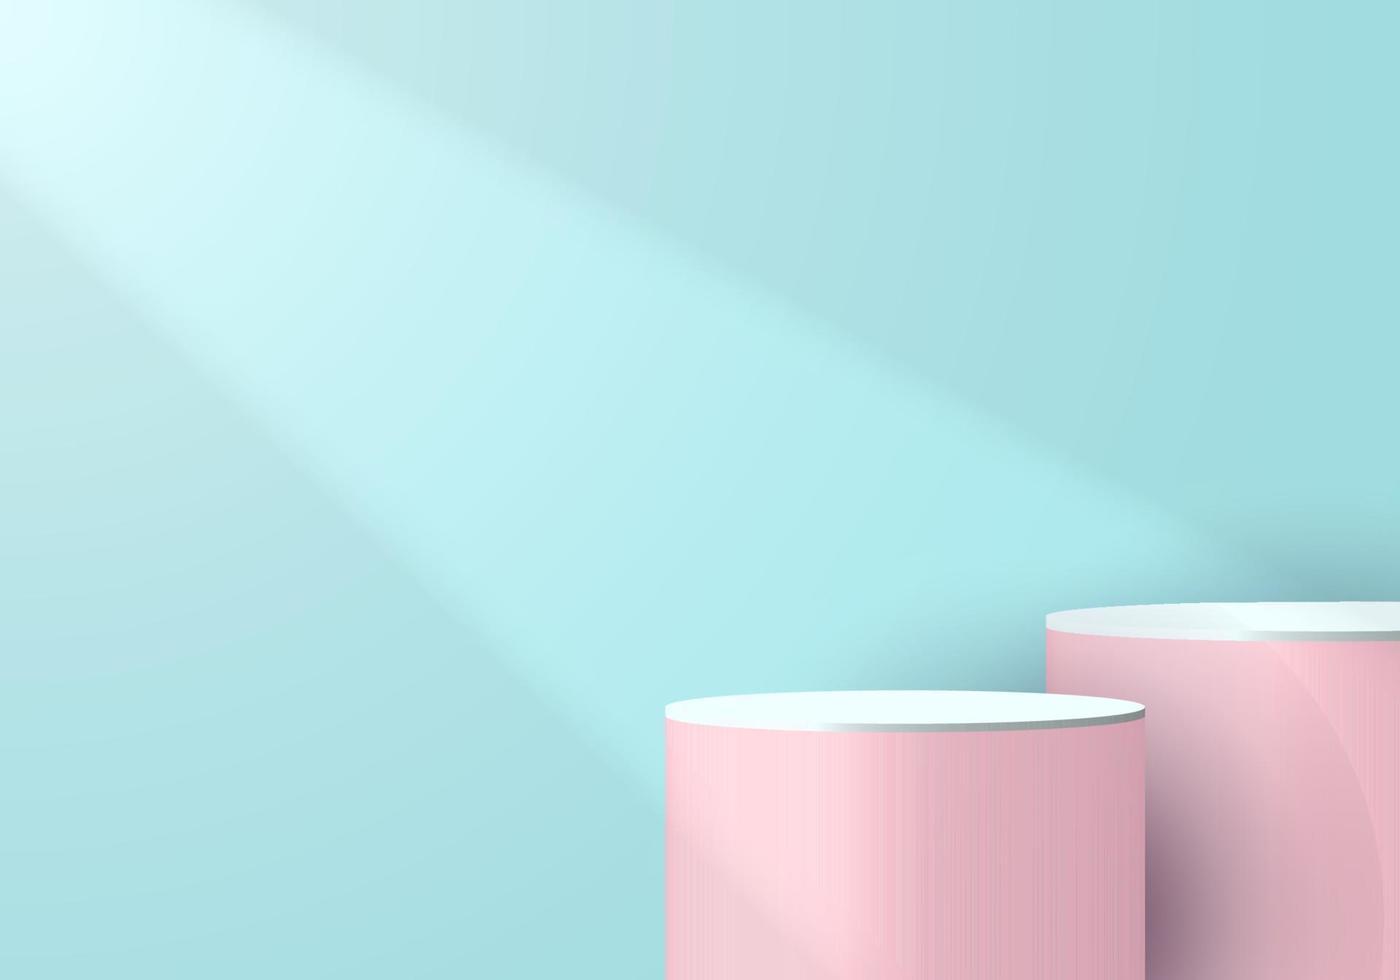 Pedestal de cilindro rosa e branco 3D em uma sala vazia azul suave com luz e sombra de fundo vetor